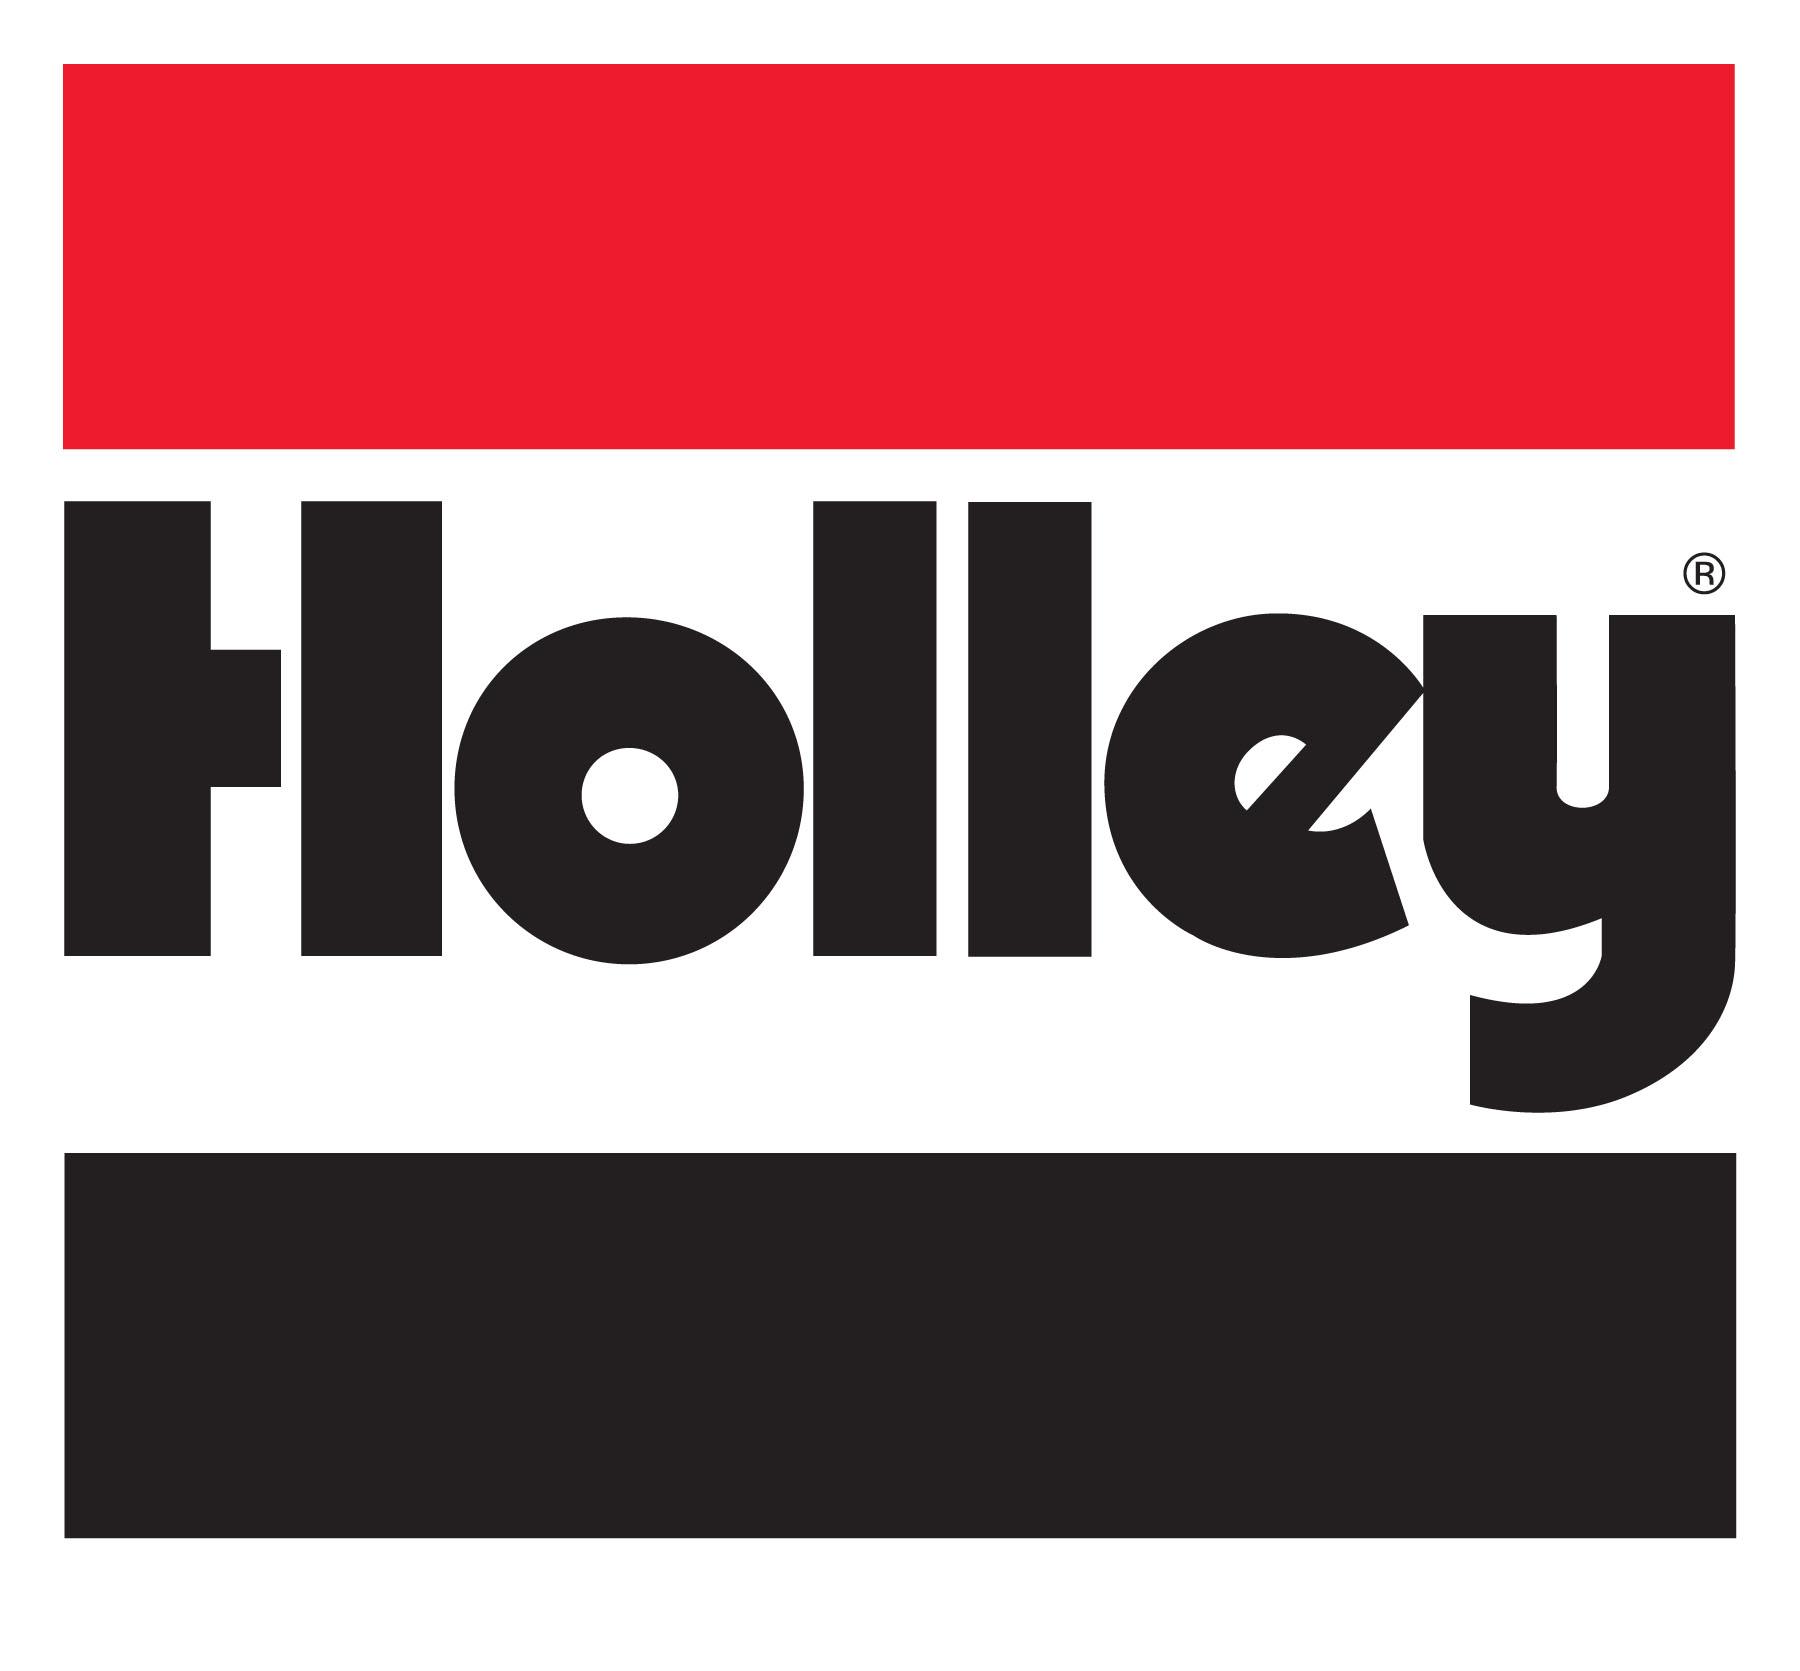 logo_holley_red_blackbars.jpg